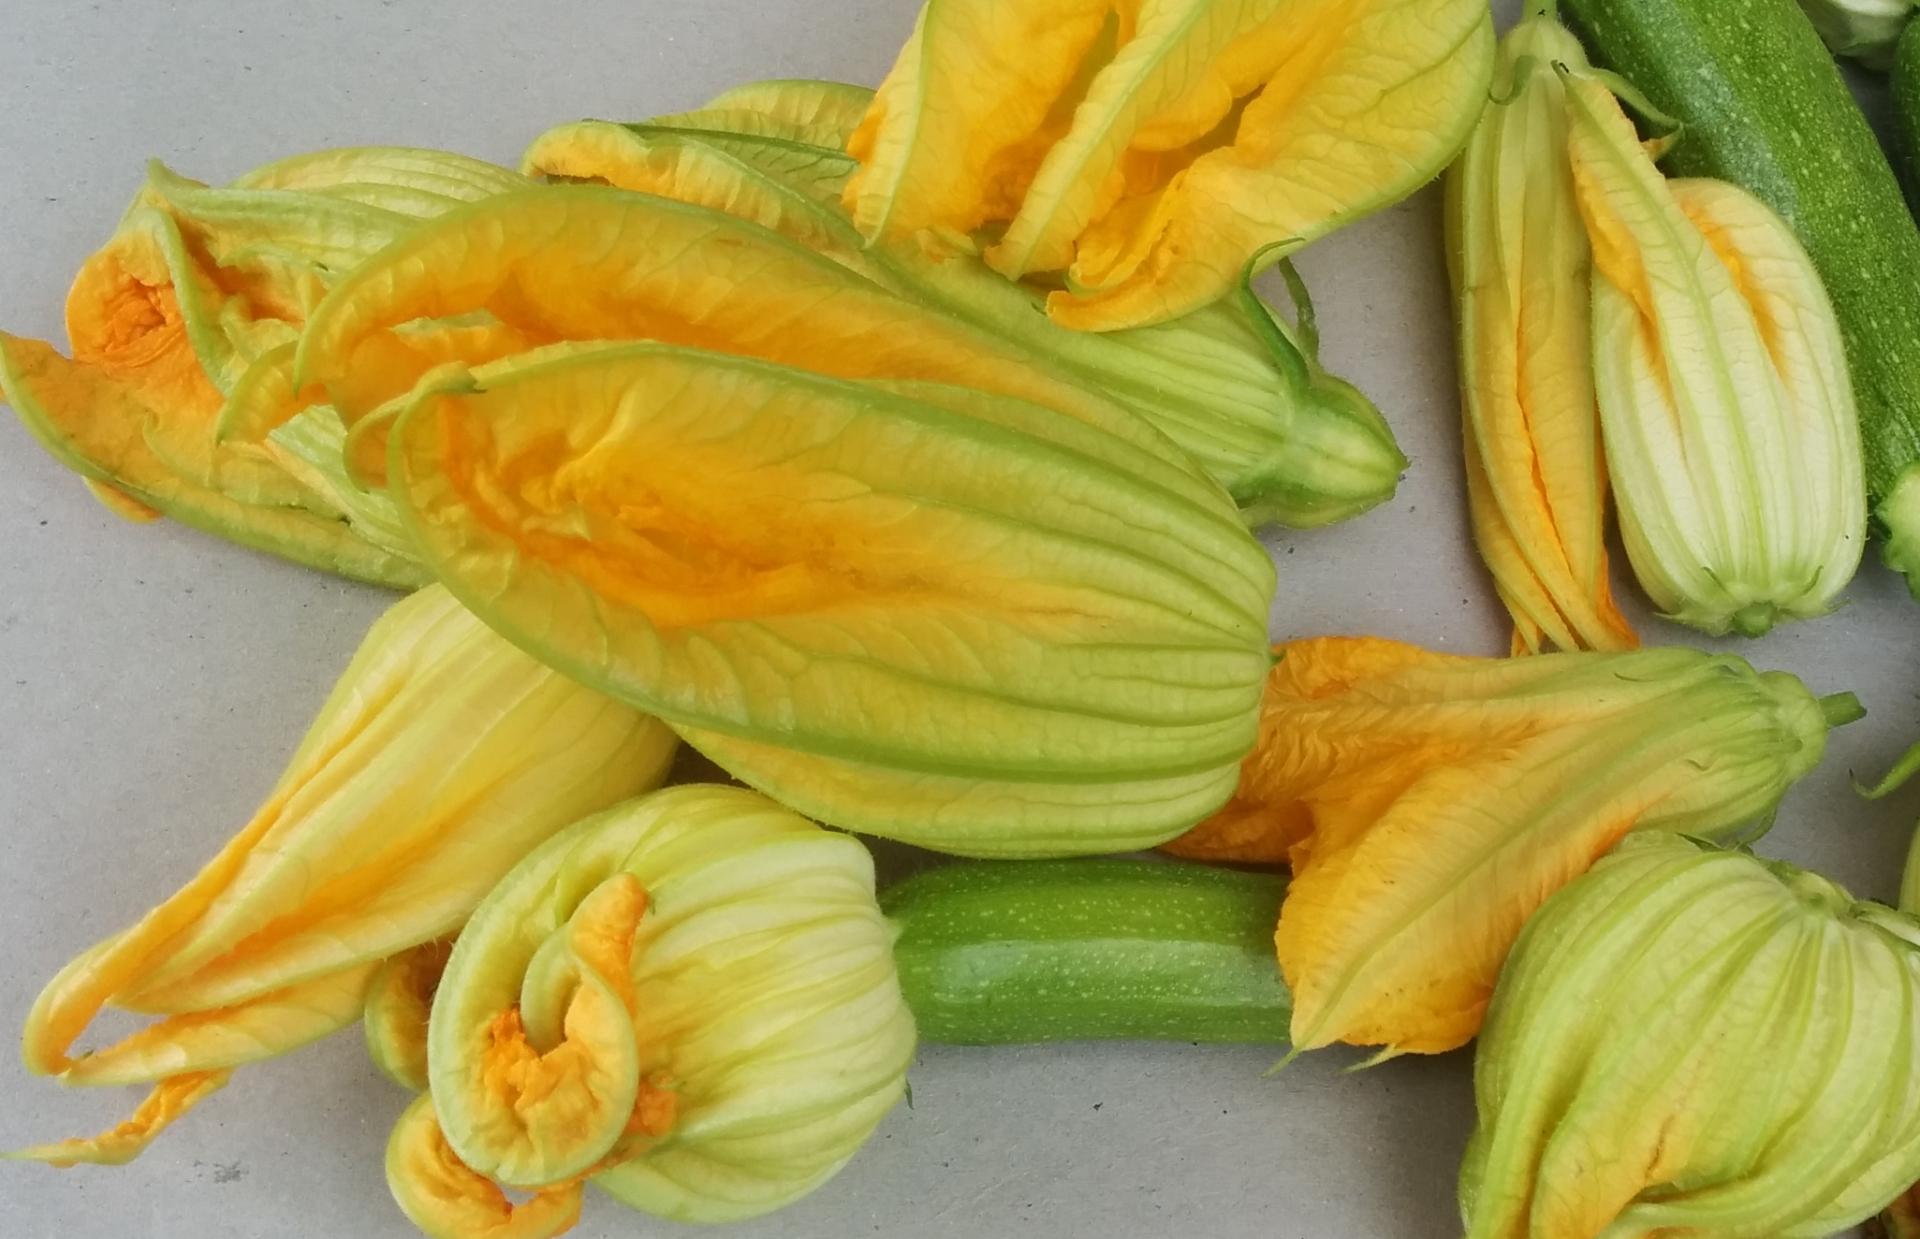 Stuffed Zucchini Flowers – The Grantham Gardener